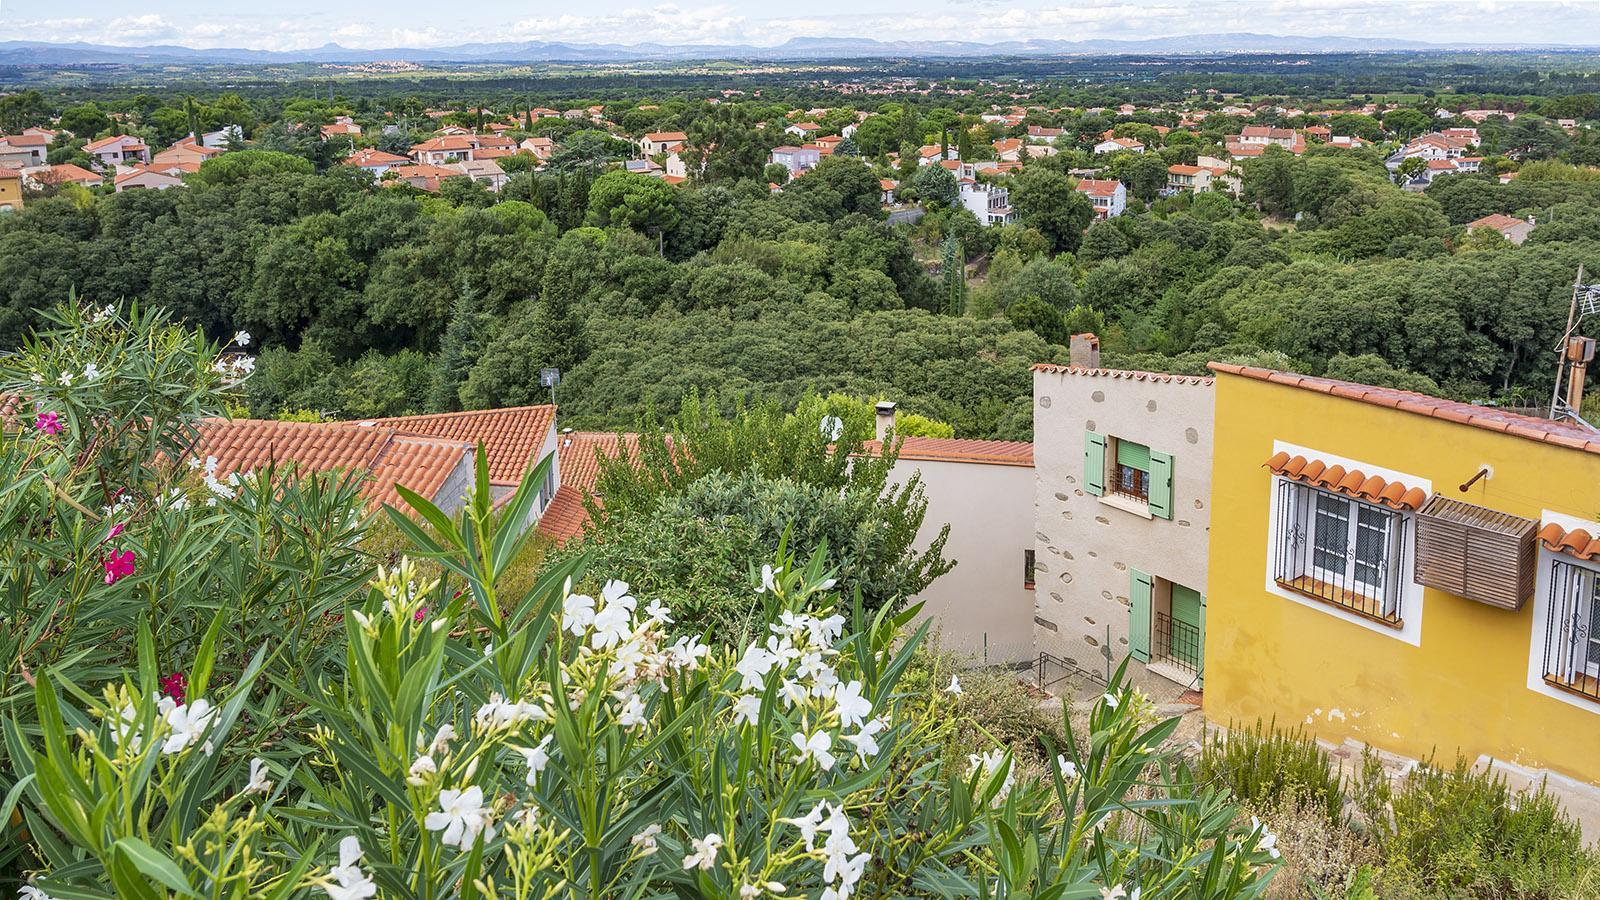 Der Blick über Laroque hin zur Ebene des Roussillon und die Corbières. Foto: Hilke Maunder